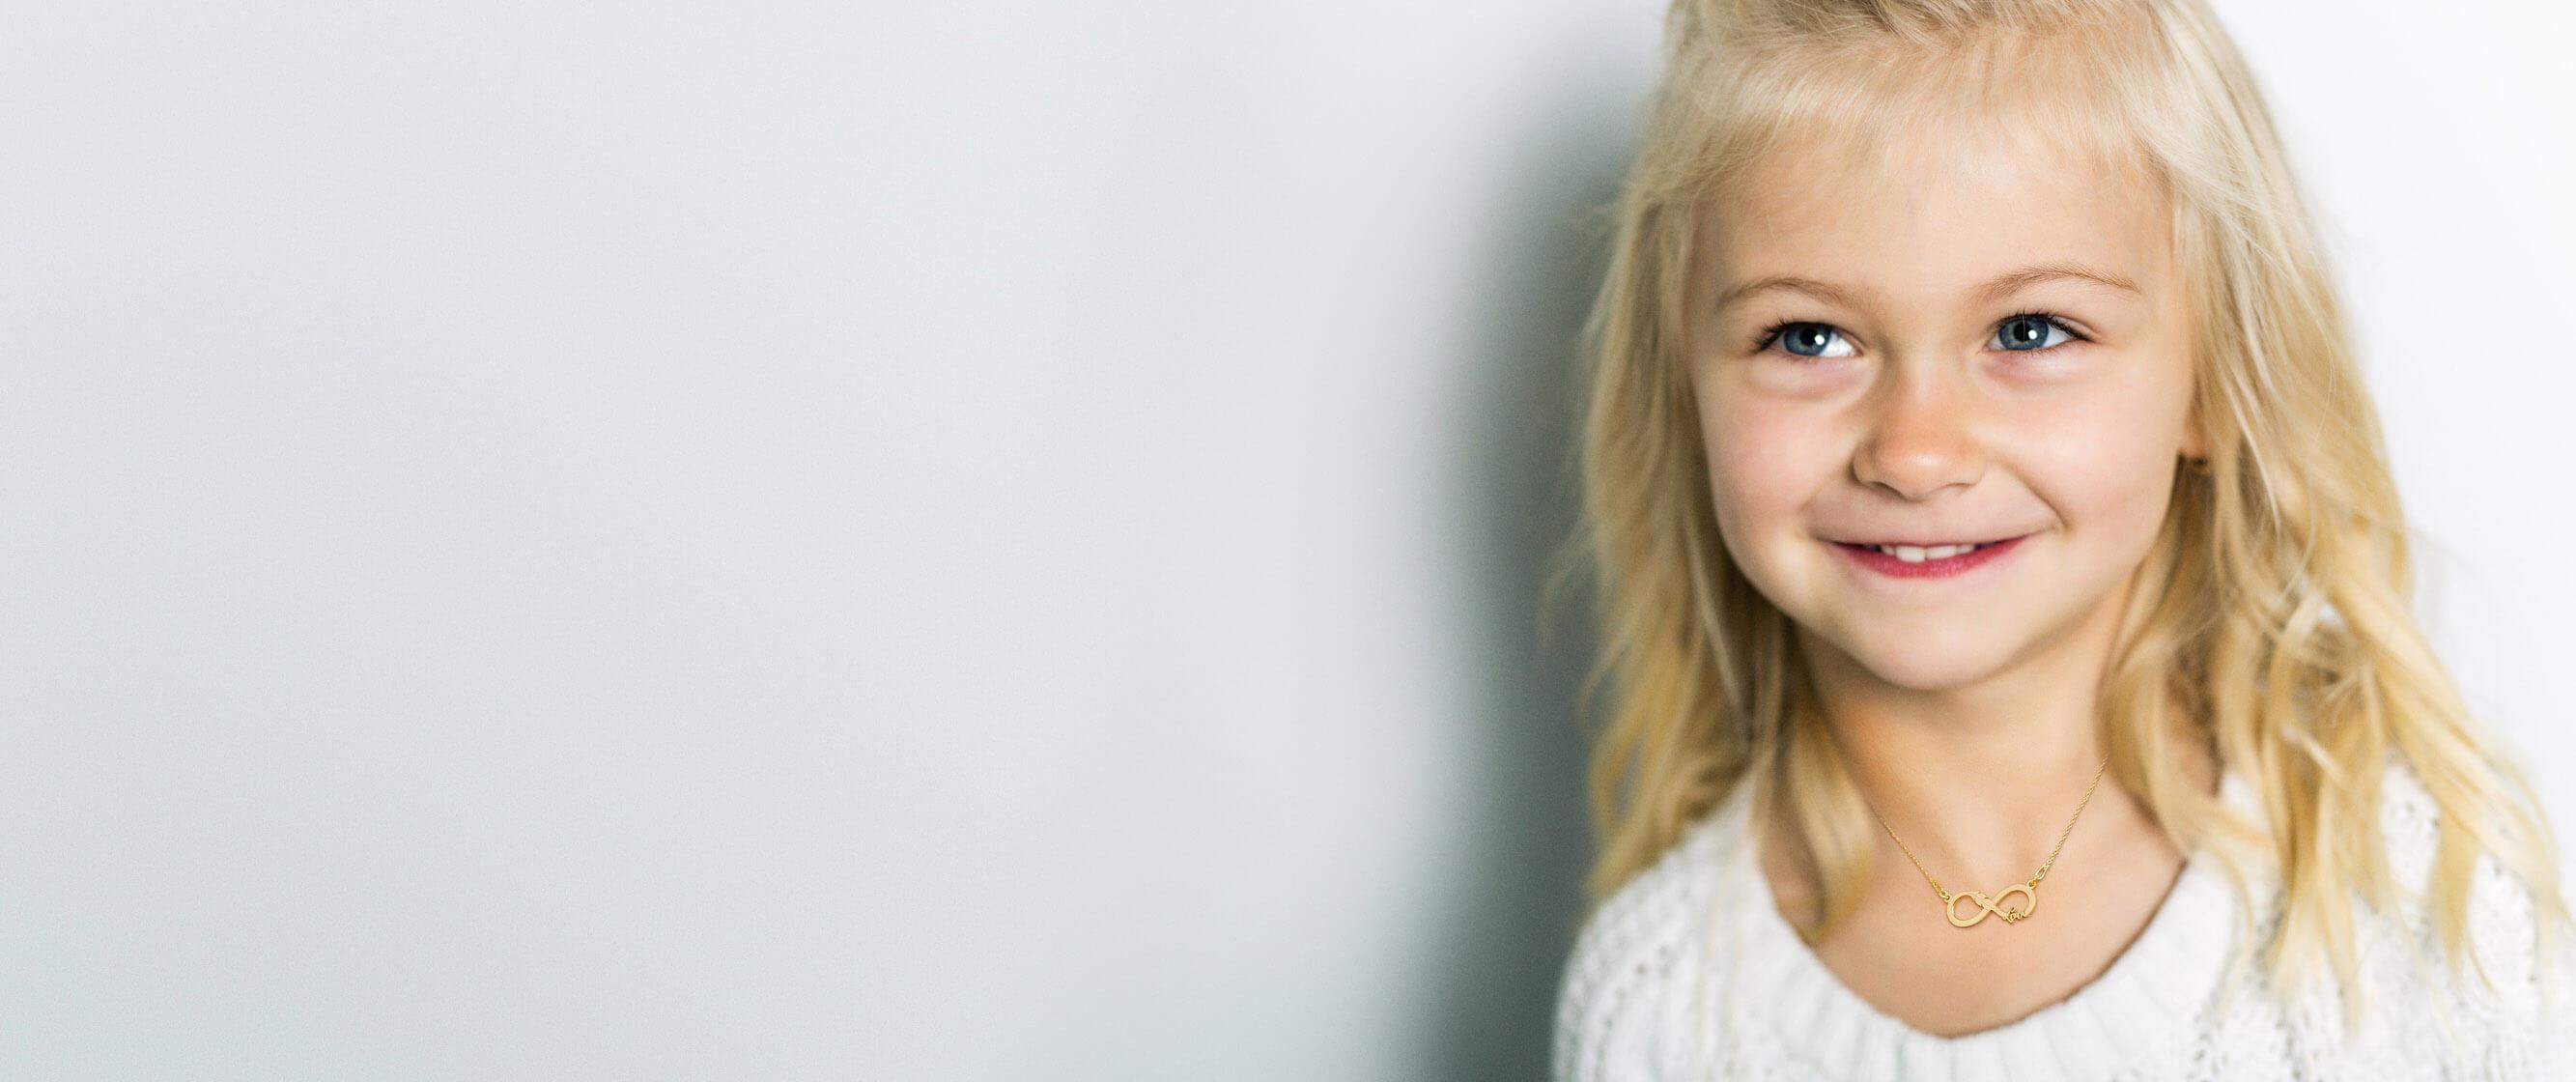 Srebrne naszyjniki dla dziecka